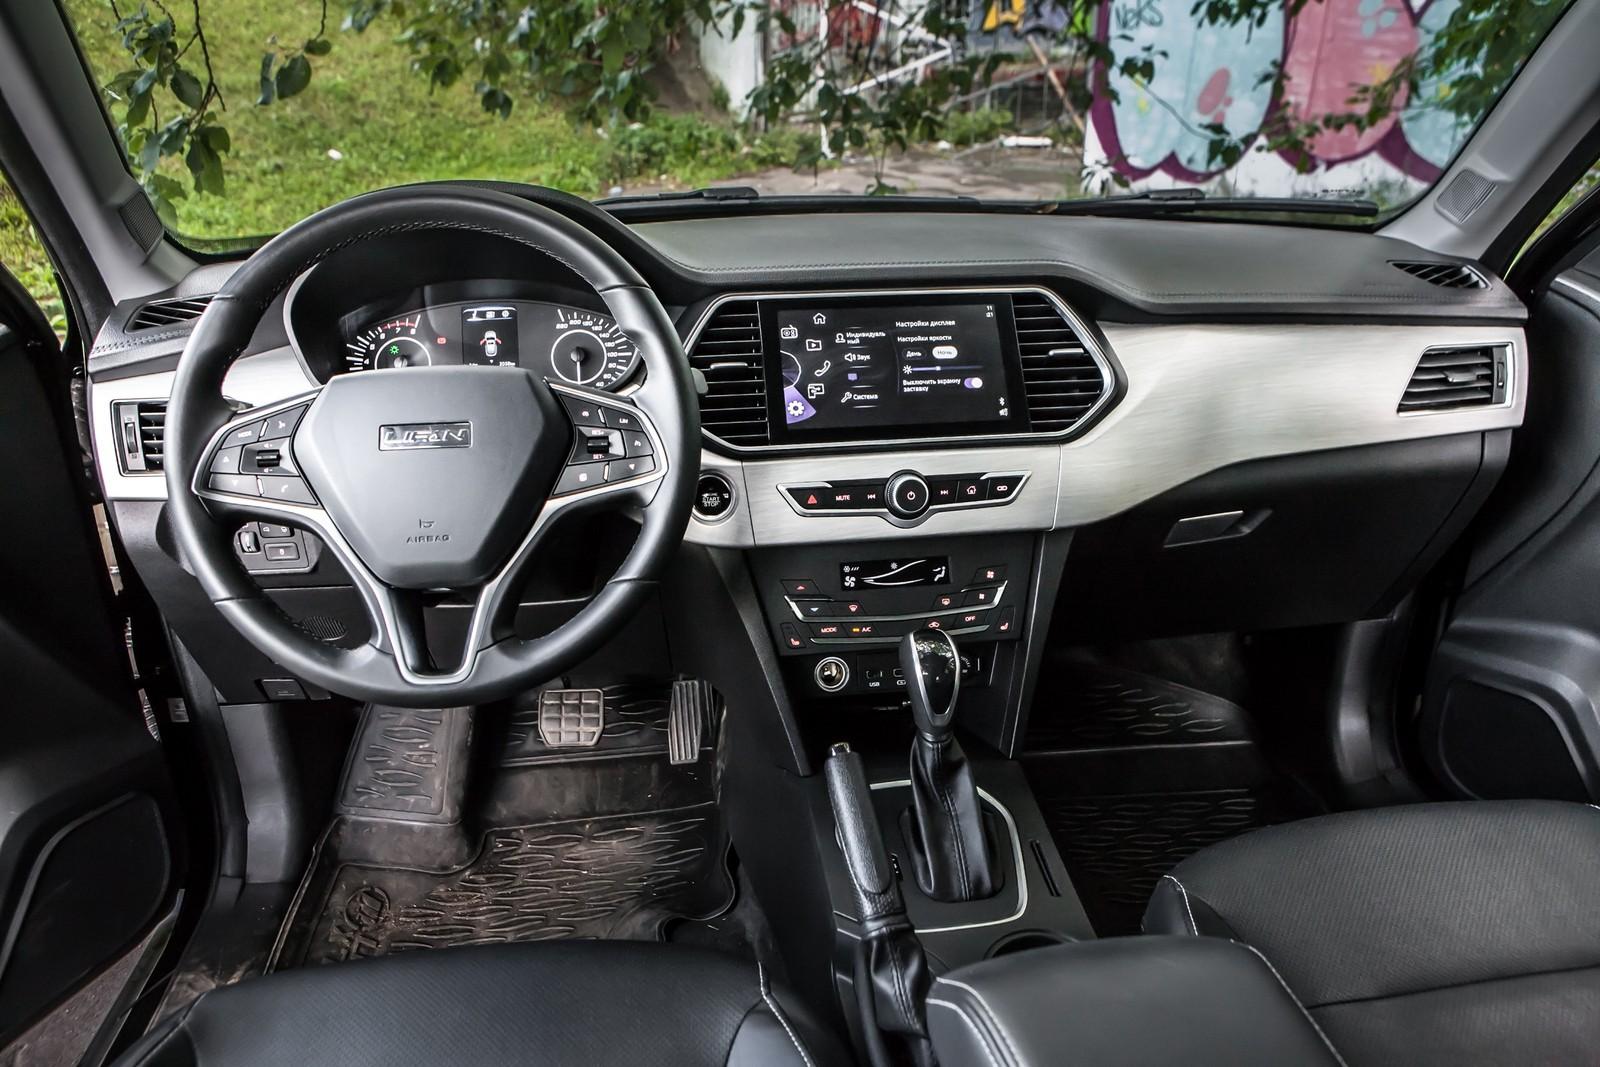 Lifan начинает продажи Х70 китайской сборки. В ближайших планах: Myway, X80 и новое производство в РФ